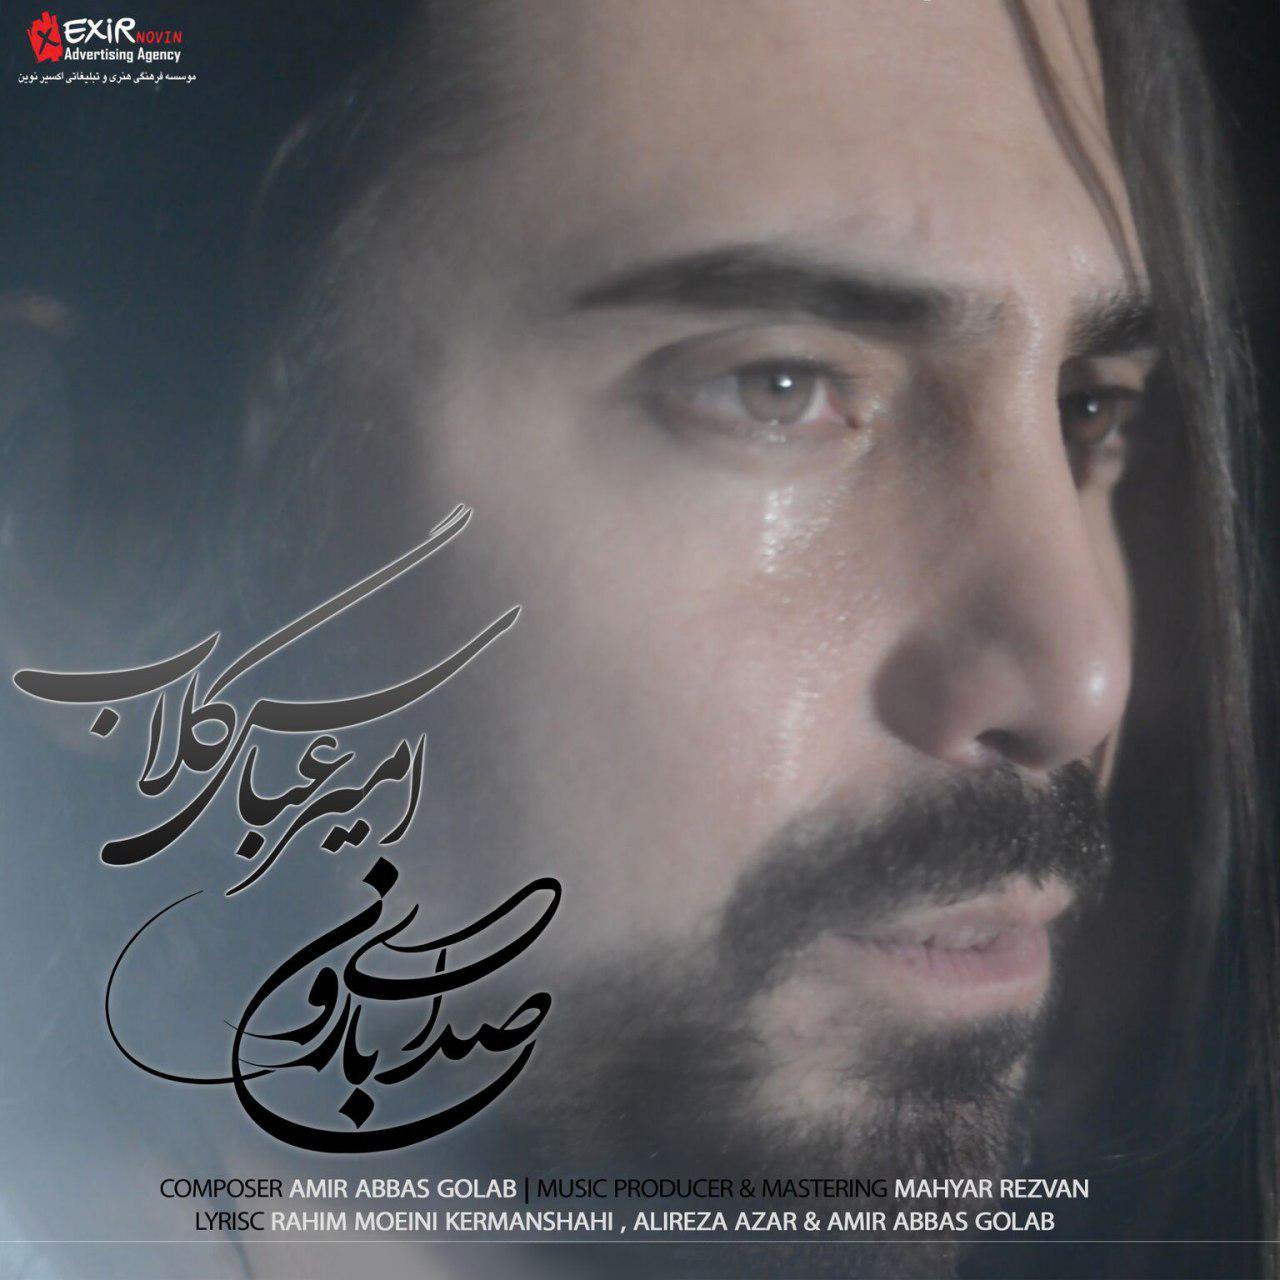 دانلود آهنگ صدای بارون از امیر عباس گلاب